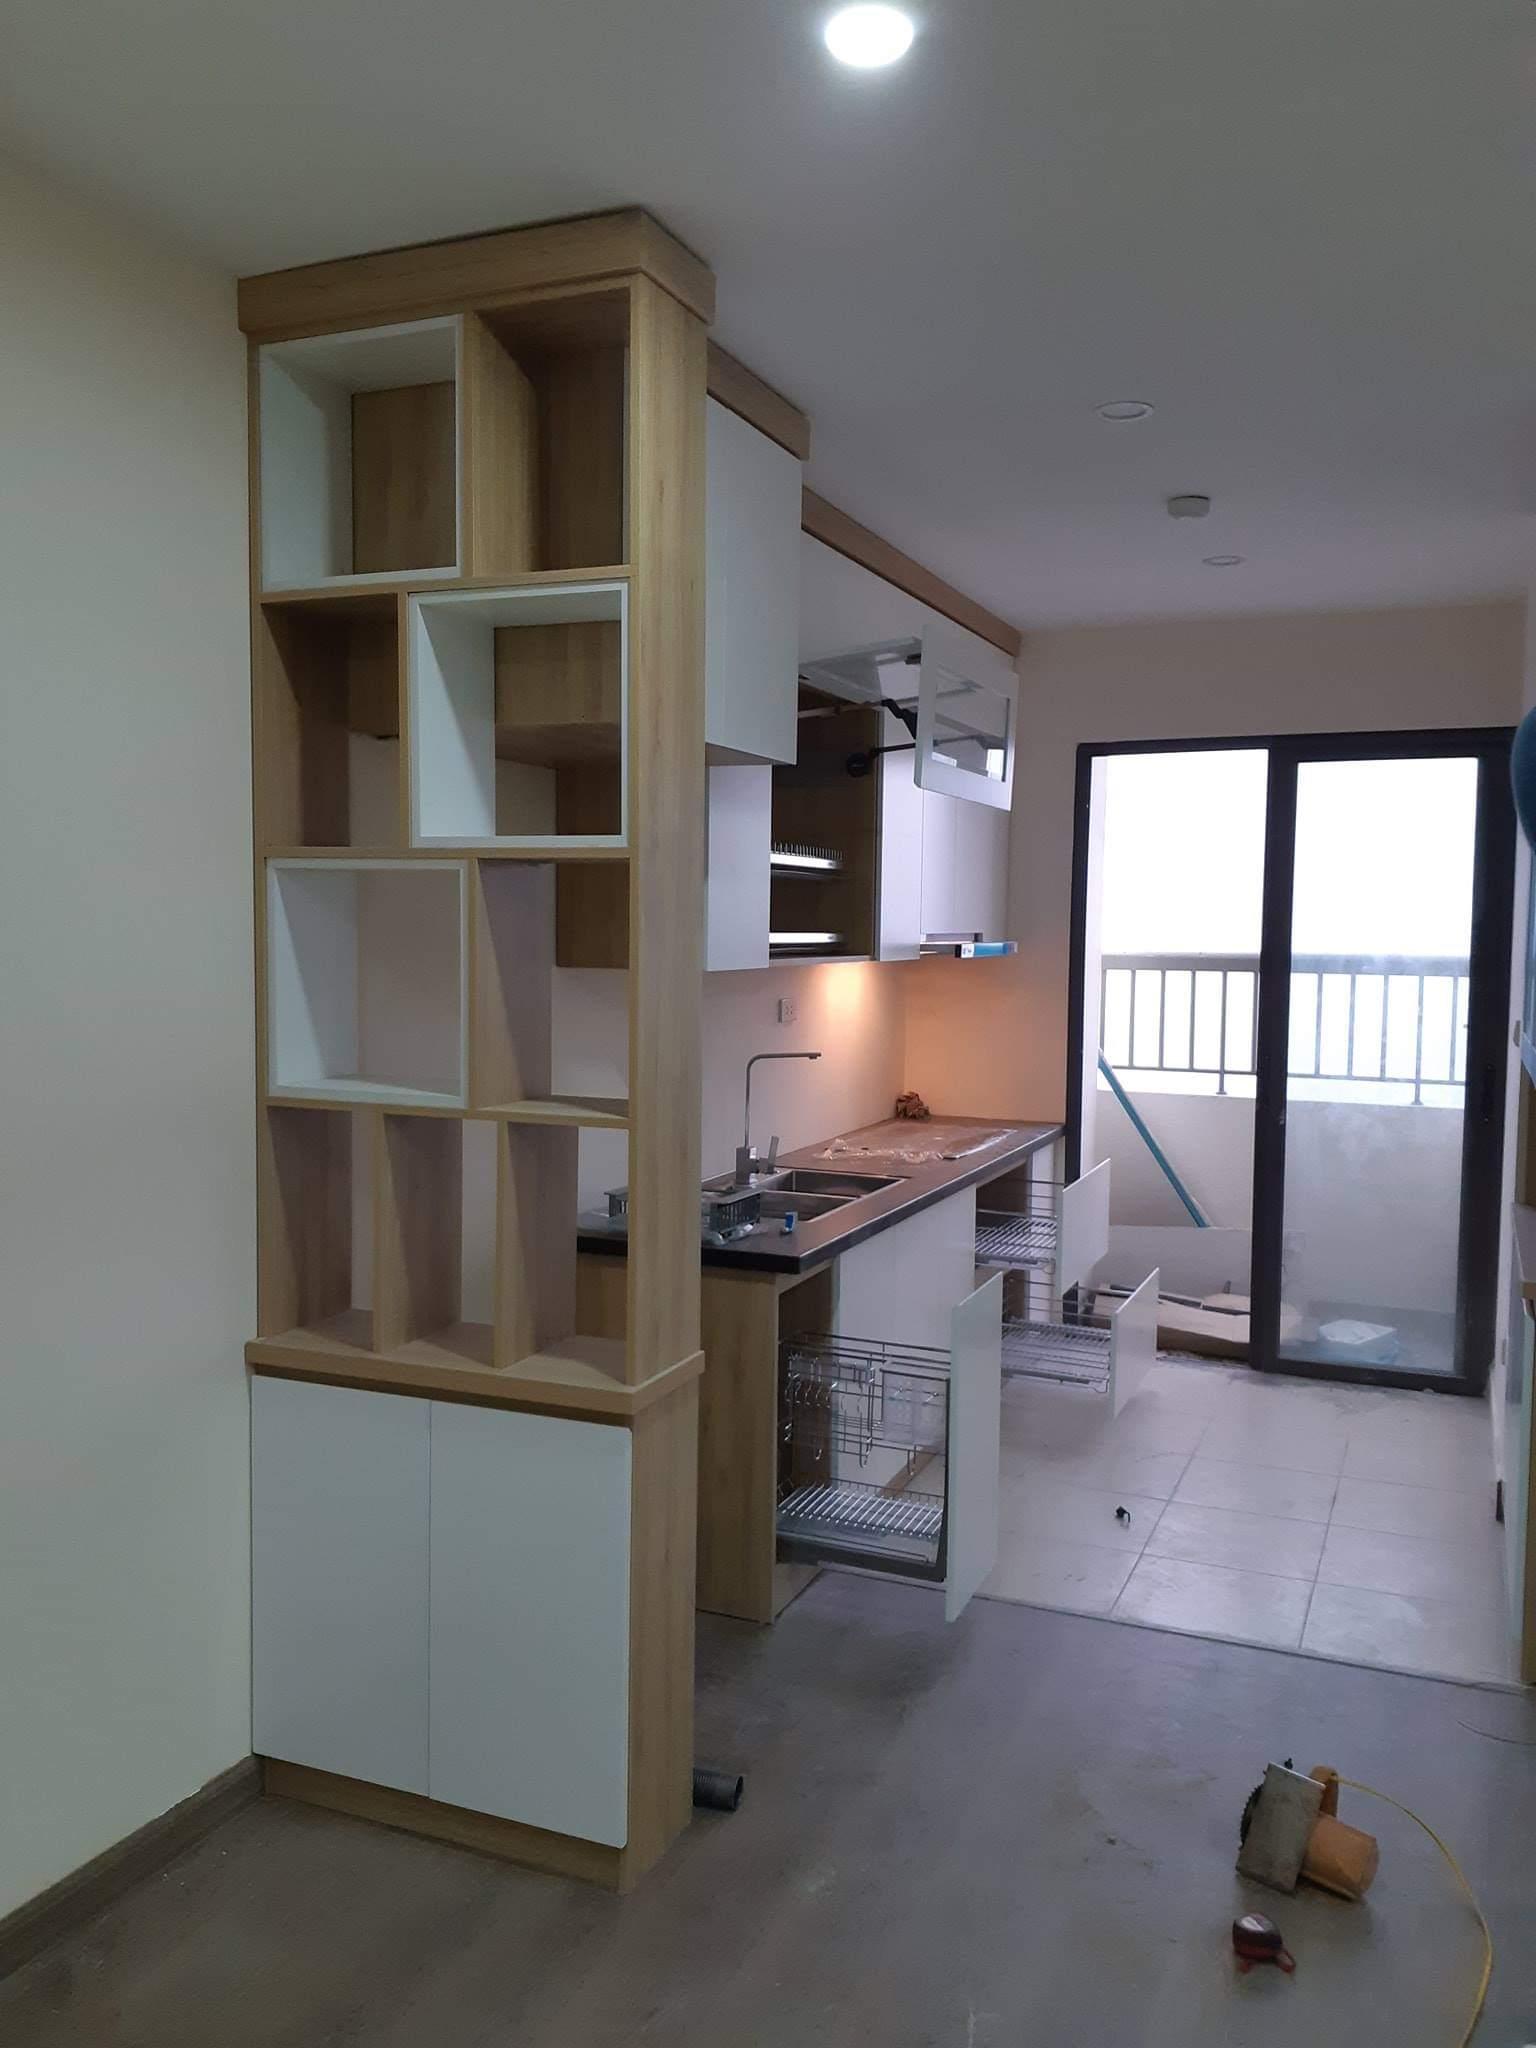 Mẫu tủ bếp với thiết kế đầy tiện nghi kết hợp với tủ rượu đẹp mắt.